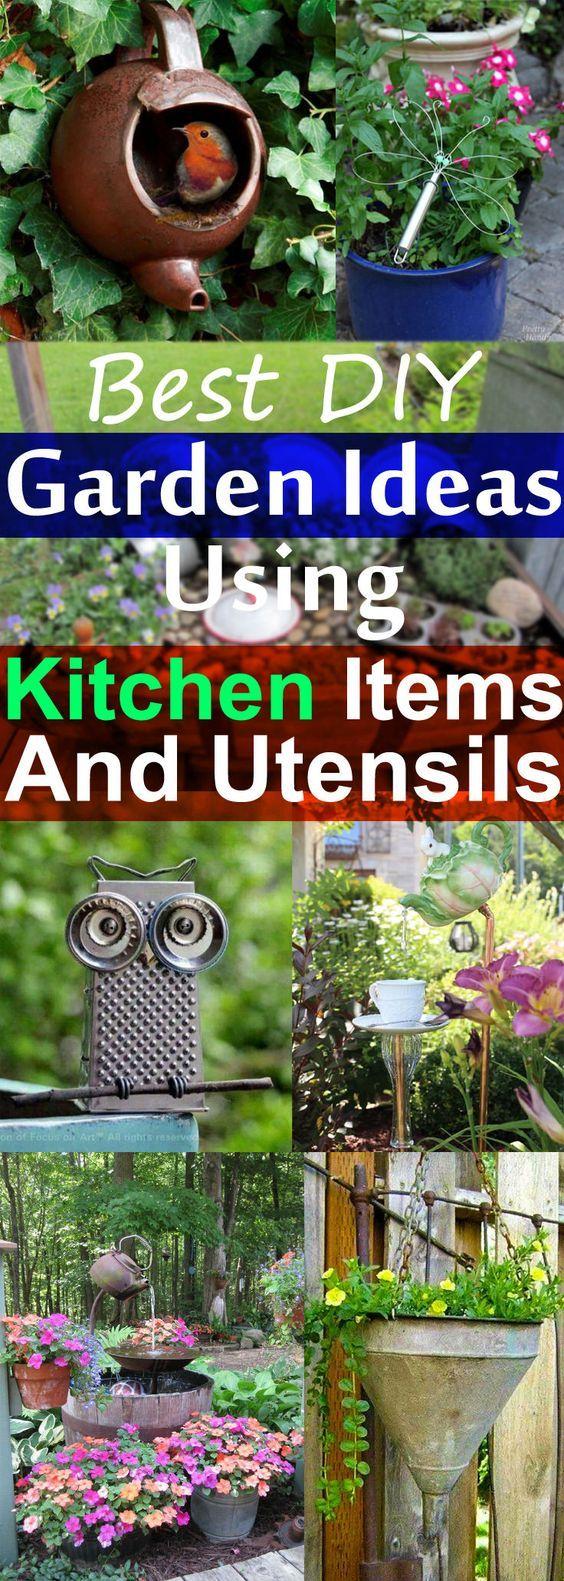 19 Best DIY Garden Ideas Using Kitchen